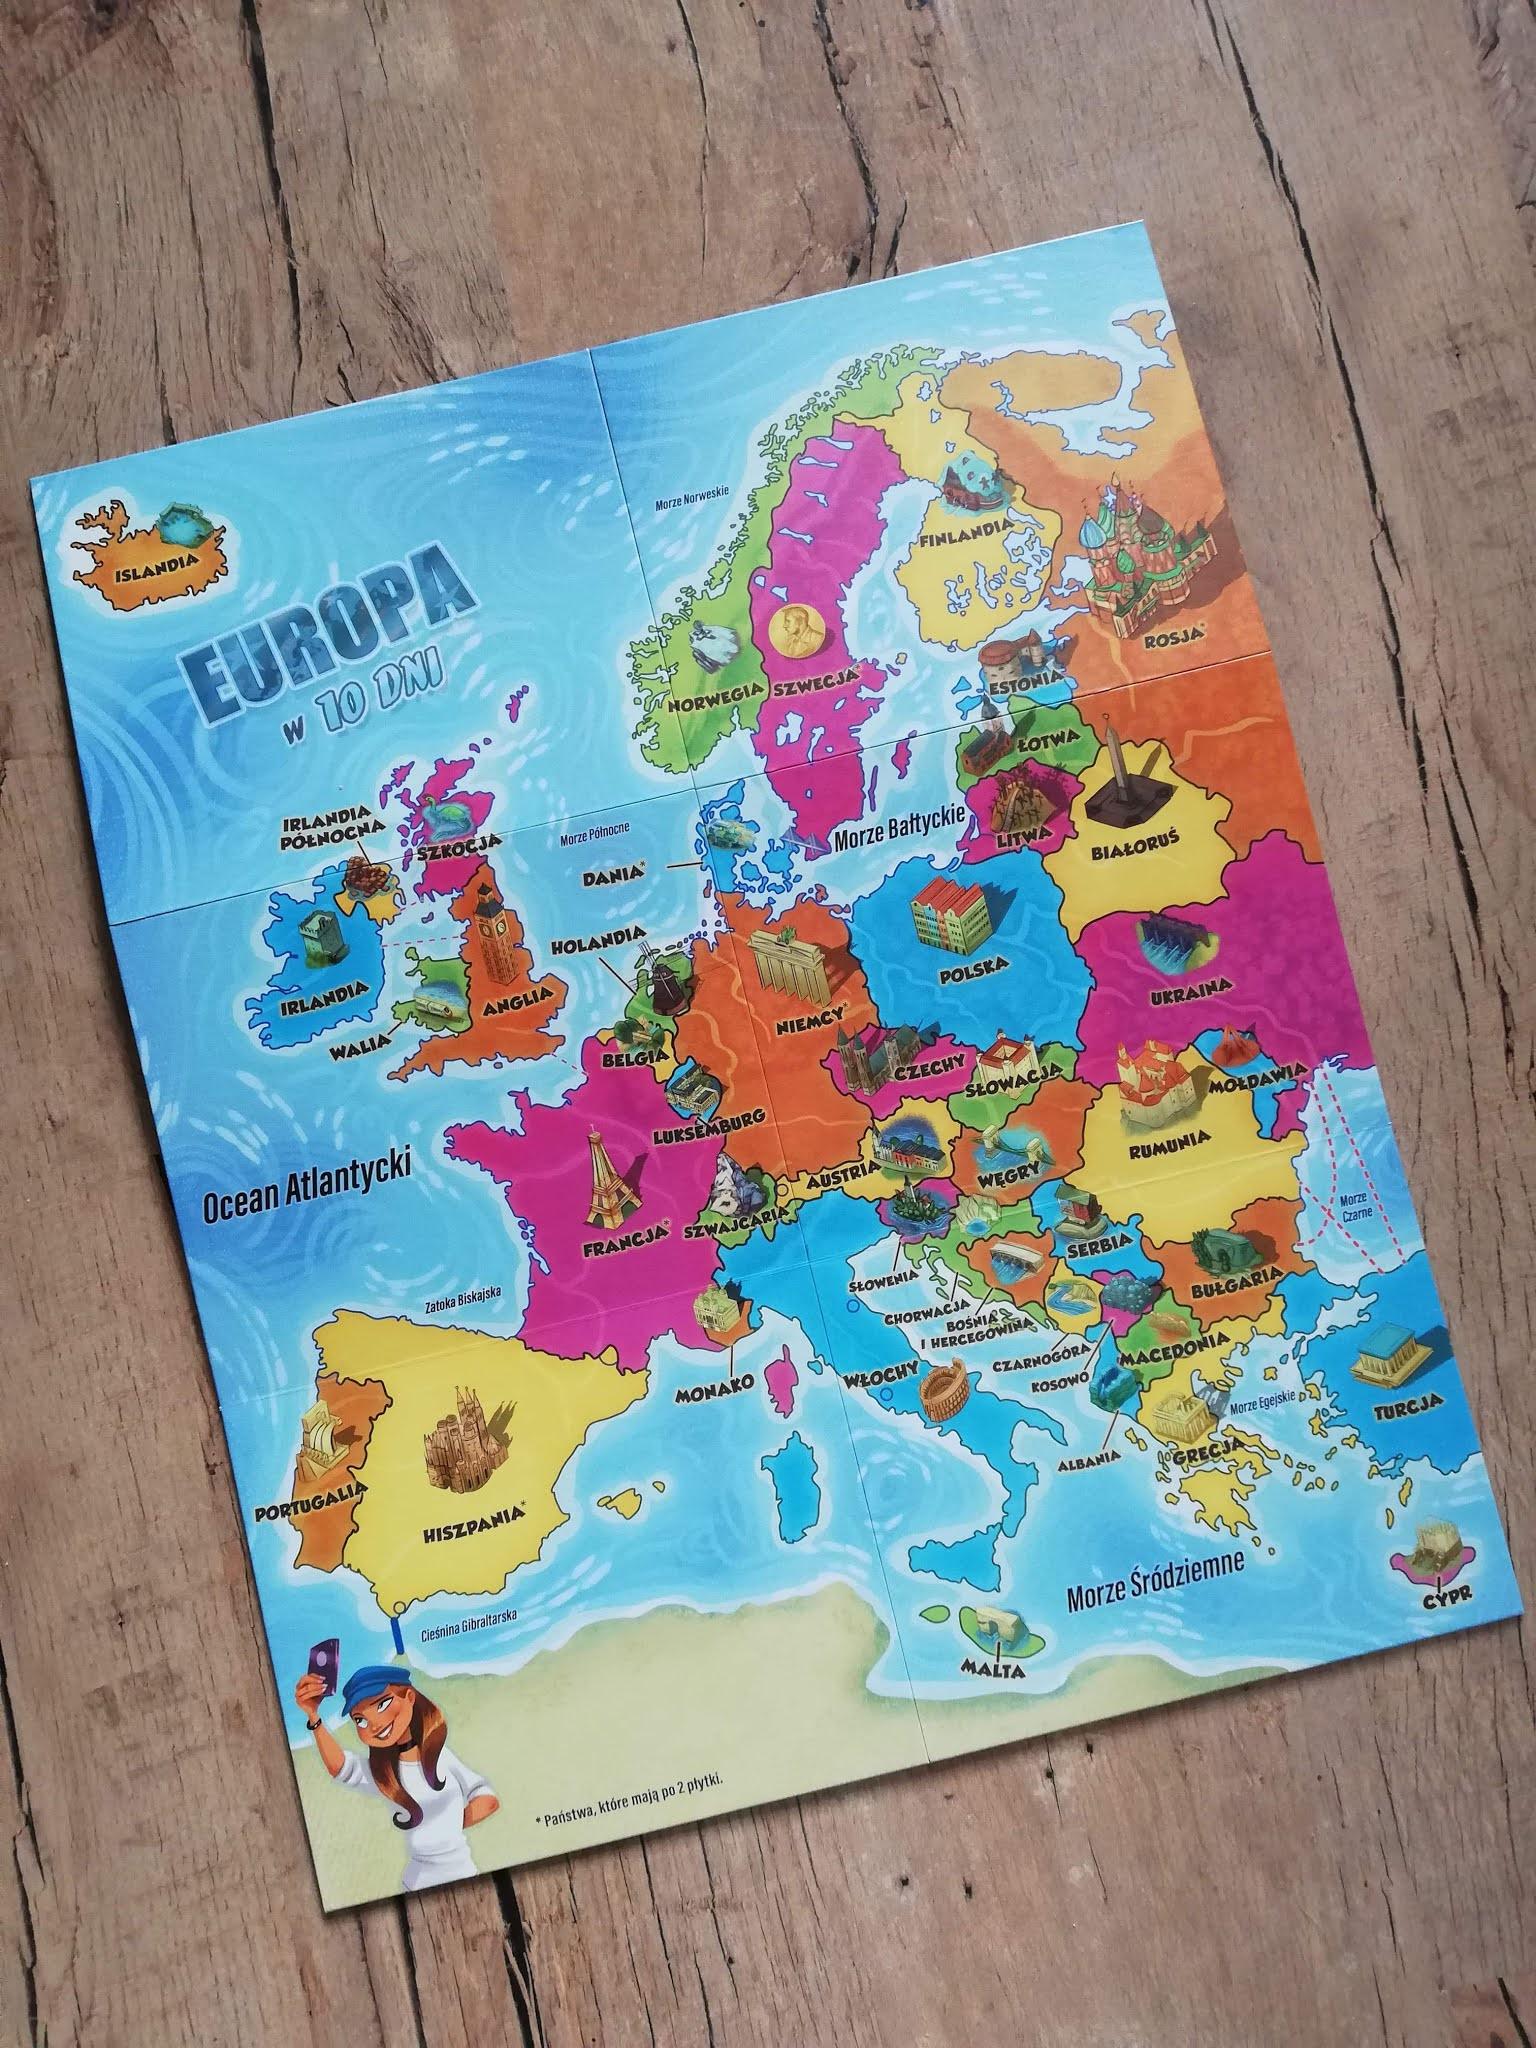 Recenzja gry planszowej Europa w 10 dni